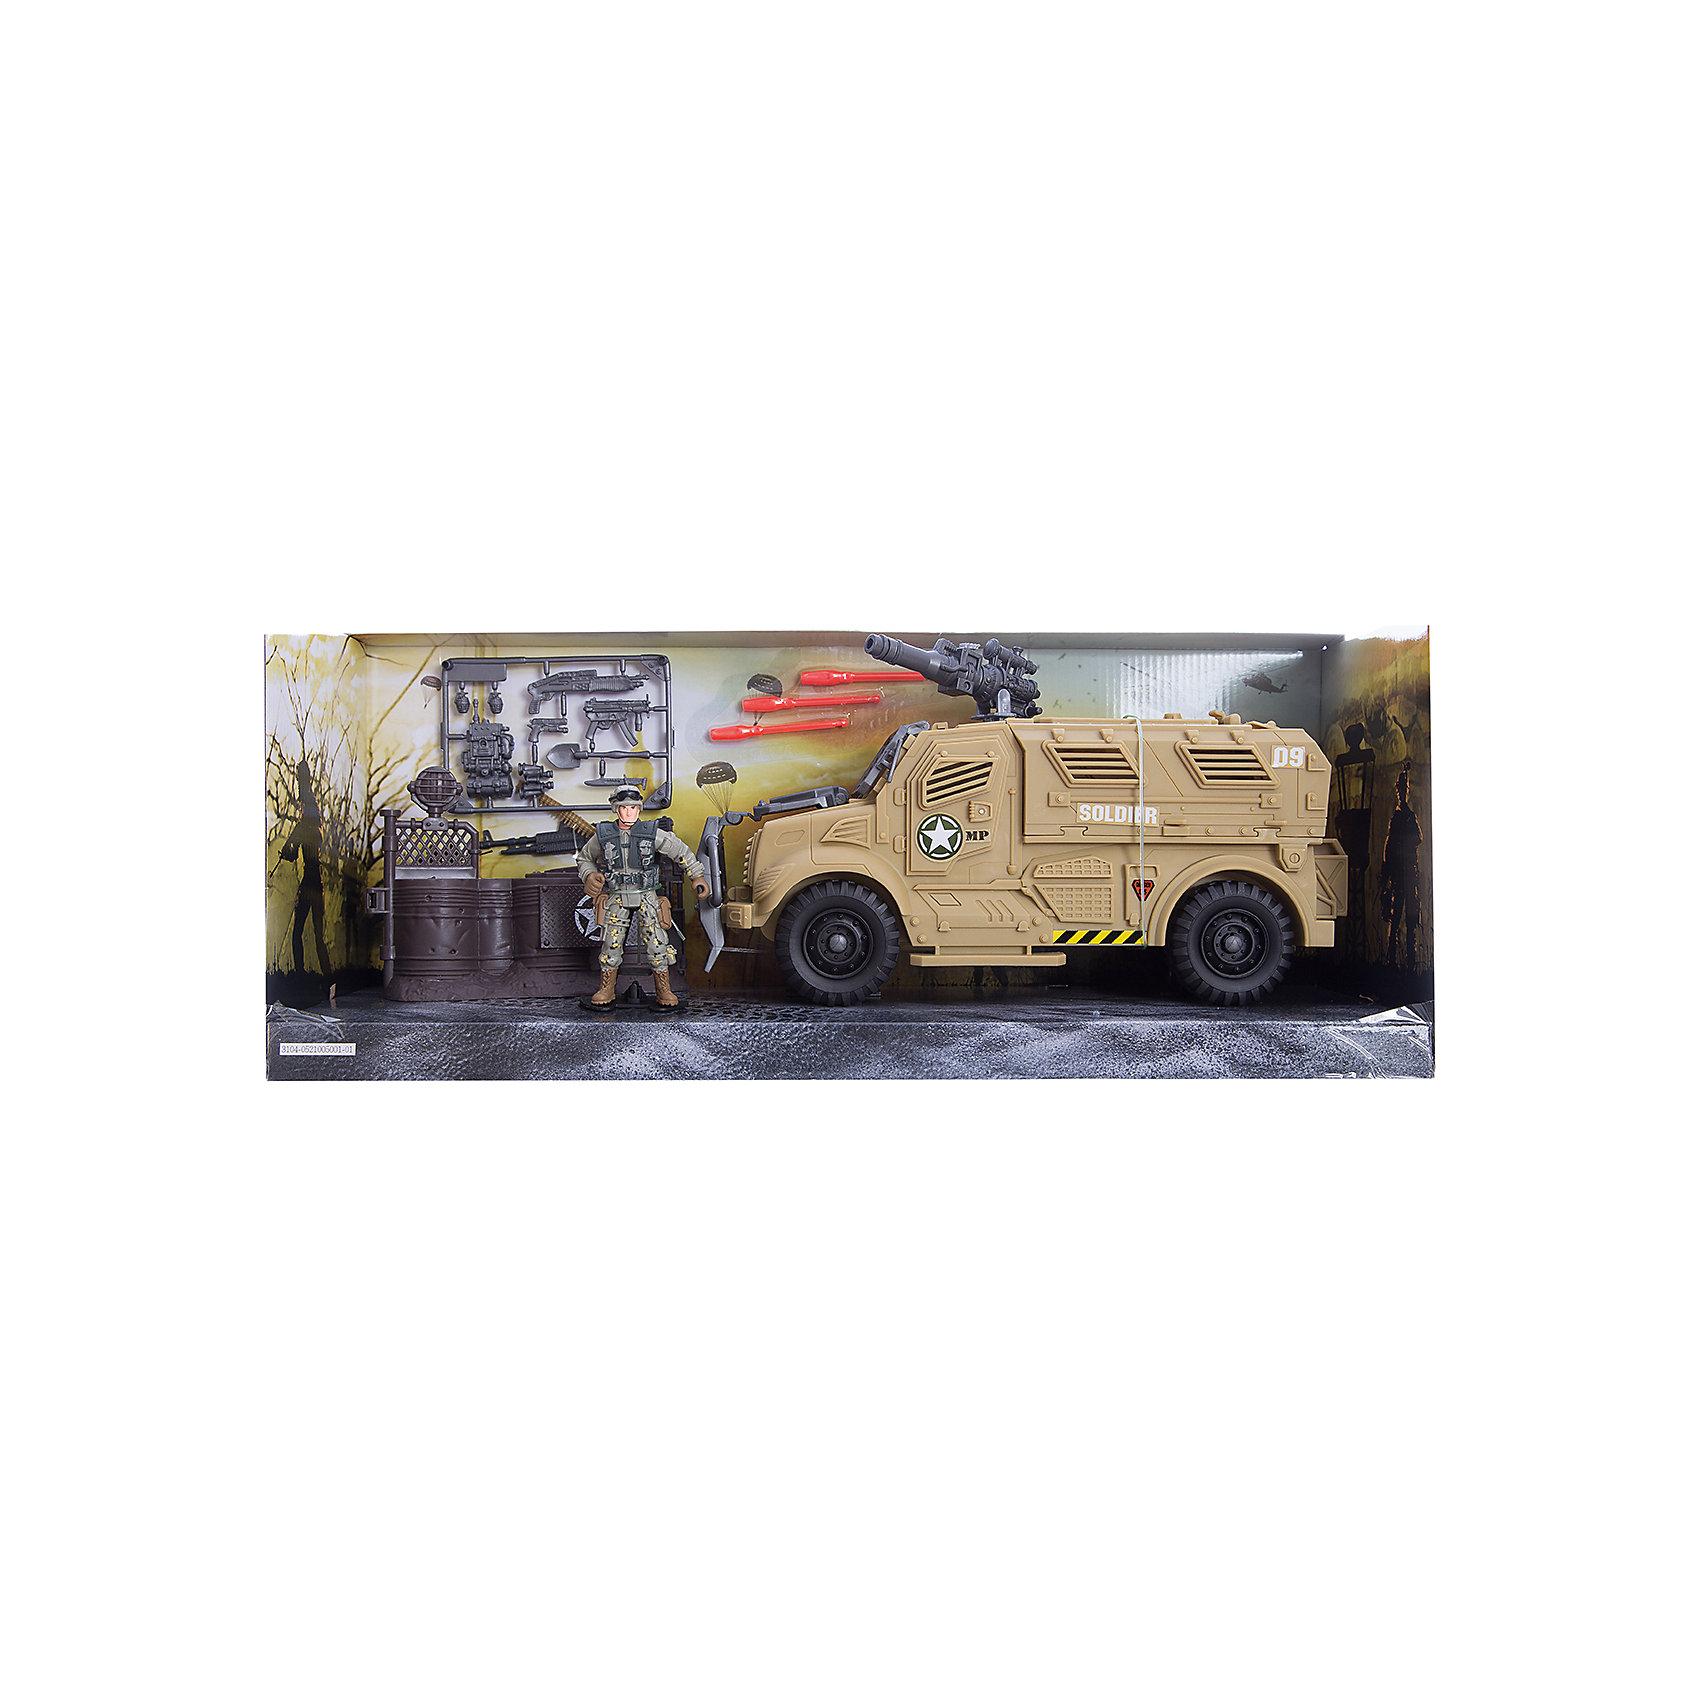 Игровой набор Бронемобиль пехоты, Chap MeiИгровой набор Бронемобиль пехоты, Chap Mei.<br><br>Характеристики:<br><br>- В наборе: фигурка военного, бронемобиль, 3 ракеты - патрона, дополнительная экипировка и вооружение<br>- Материал: пластик<br>- Упаковка: картонная коробка блистерного типа.<br>- Размер упаковки: 53 х 15 х 22 см.<br><br>Бронемобиль пехоты от компании Chap Mei - это потрясающий игровой набор из серии Solder Force VIII, с которым мальчику точно не придется скучать. В наборе есть солдат, а также множество различных аксессуаров для него, включая экипировку и оружие. Входящий в набор бронемобиль, оснащен пушкой, стреляющей ракетами. Все элементы набора изготовлены из качественного пластика и тщательно детализированы. Игровой набор способствует развитию у ребенка воображения, внимания и мелкой моторики.<br><br>Игровой набор Бронемобиль пехоты, Chap Mei можно купить в нашем интернет-магазине.<br><br>Ширина мм: 53<br>Глубина мм: 15<br>Высота мм: 21<br>Вес г: 983<br>Возраст от месяцев: 36<br>Возраст до месяцев: 2147483647<br>Пол: Мужской<br>Возраст: Детский<br>SKU: 5055436